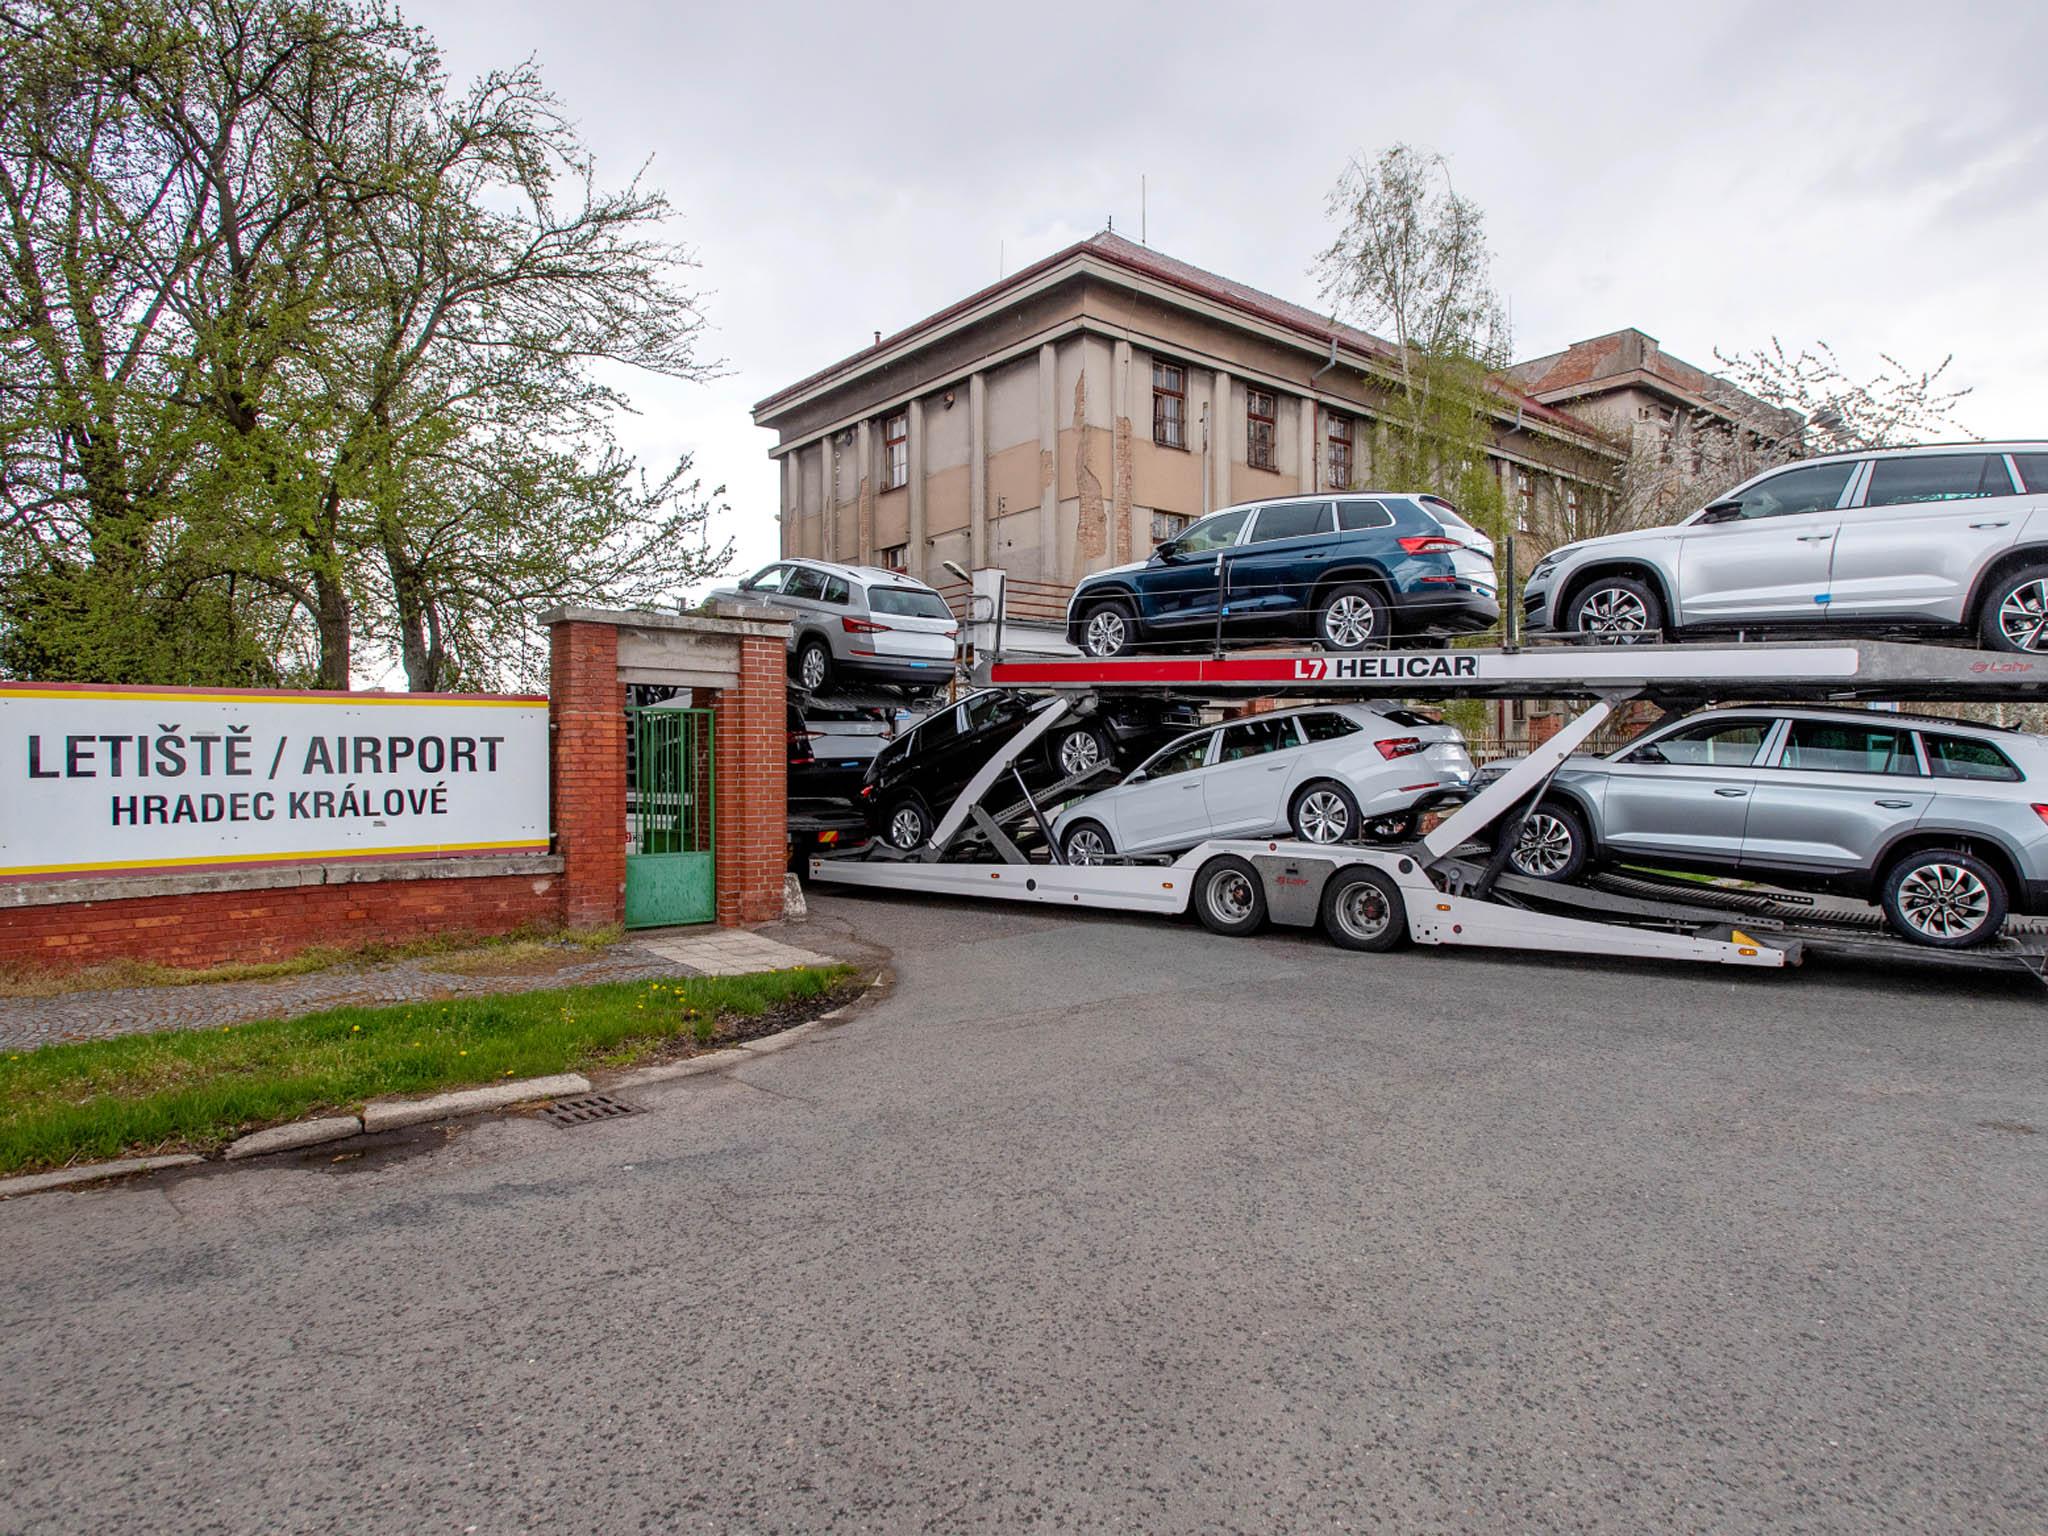 Celému koncernu Volkswagenchybí čipy. Automobilka Škoda Auto kuskladnění nedokončených vozů využila letiště vHradci Králové. Zde budou čekat ažzásilka polovodičů dorazí.